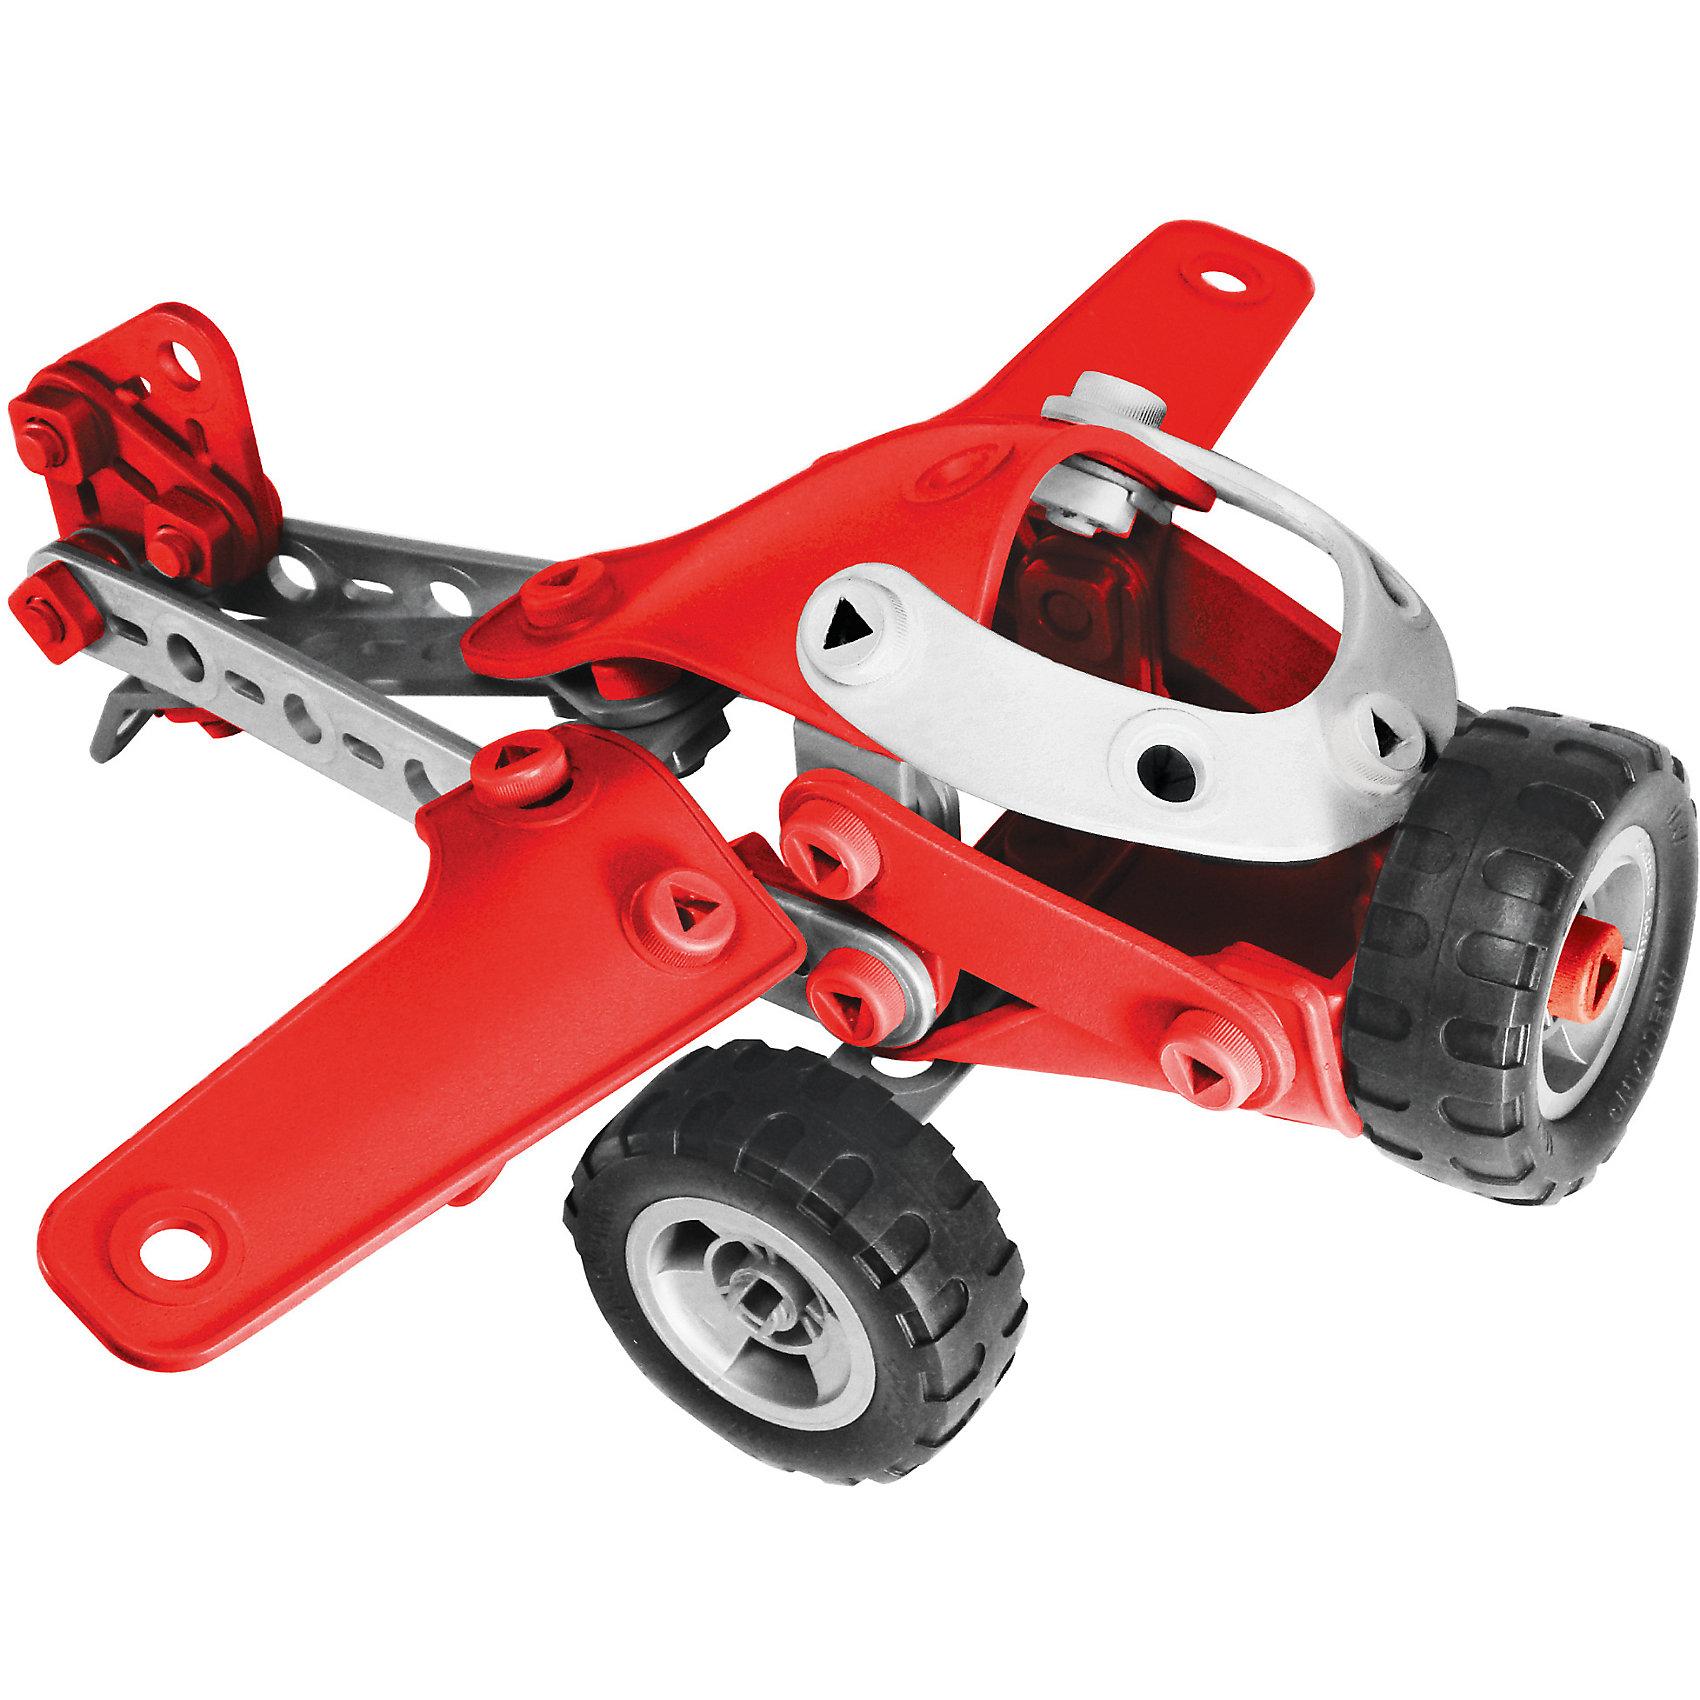 Легкомоторный самолёт (4 модели), MeccanoМеталлические конструкторы<br>Замечательный набор из серии Меккано Джуниор позволяет из одного и того же комплекта деталей собрать несколько разных устройств. Базовая модель в этом наборе – лёгкий самолёт, три дополнительных – это вертолет, гоночный автомобильчик и джип. Как и другие модели этой серии, отличается простотой сборки, большими пластмассовыми (а не металлическими) деталями, отдельные элементы конструктора выполнены из мягкой резины. Набор очень яркий и красочный, отлит из высококачественных и безопасных материалов.<br><br>Дополнительная информация:<br><br>- Материал:  пластик.<br>- Базовая модель: легкий самолет.<br>- Размер упаковки: 40х25х9 см.<br>- Количество деталей: 95<br>- Размер основной игрушки: размах крыльев 33 см, длина 30 см.<br><br>Легкомоторный самолёт (4 модели), Meccano (Меккано), можно купить в нашем магазине.<br><br>Ширина мм: 400<br>Глубина мм: 250<br>Высота мм: 90<br>Вес г: 992<br>Возраст от месяцев: 60<br>Возраст до месяцев: 144<br>Пол: Мужской<br>Возраст: Детский<br>SKU: 4278444